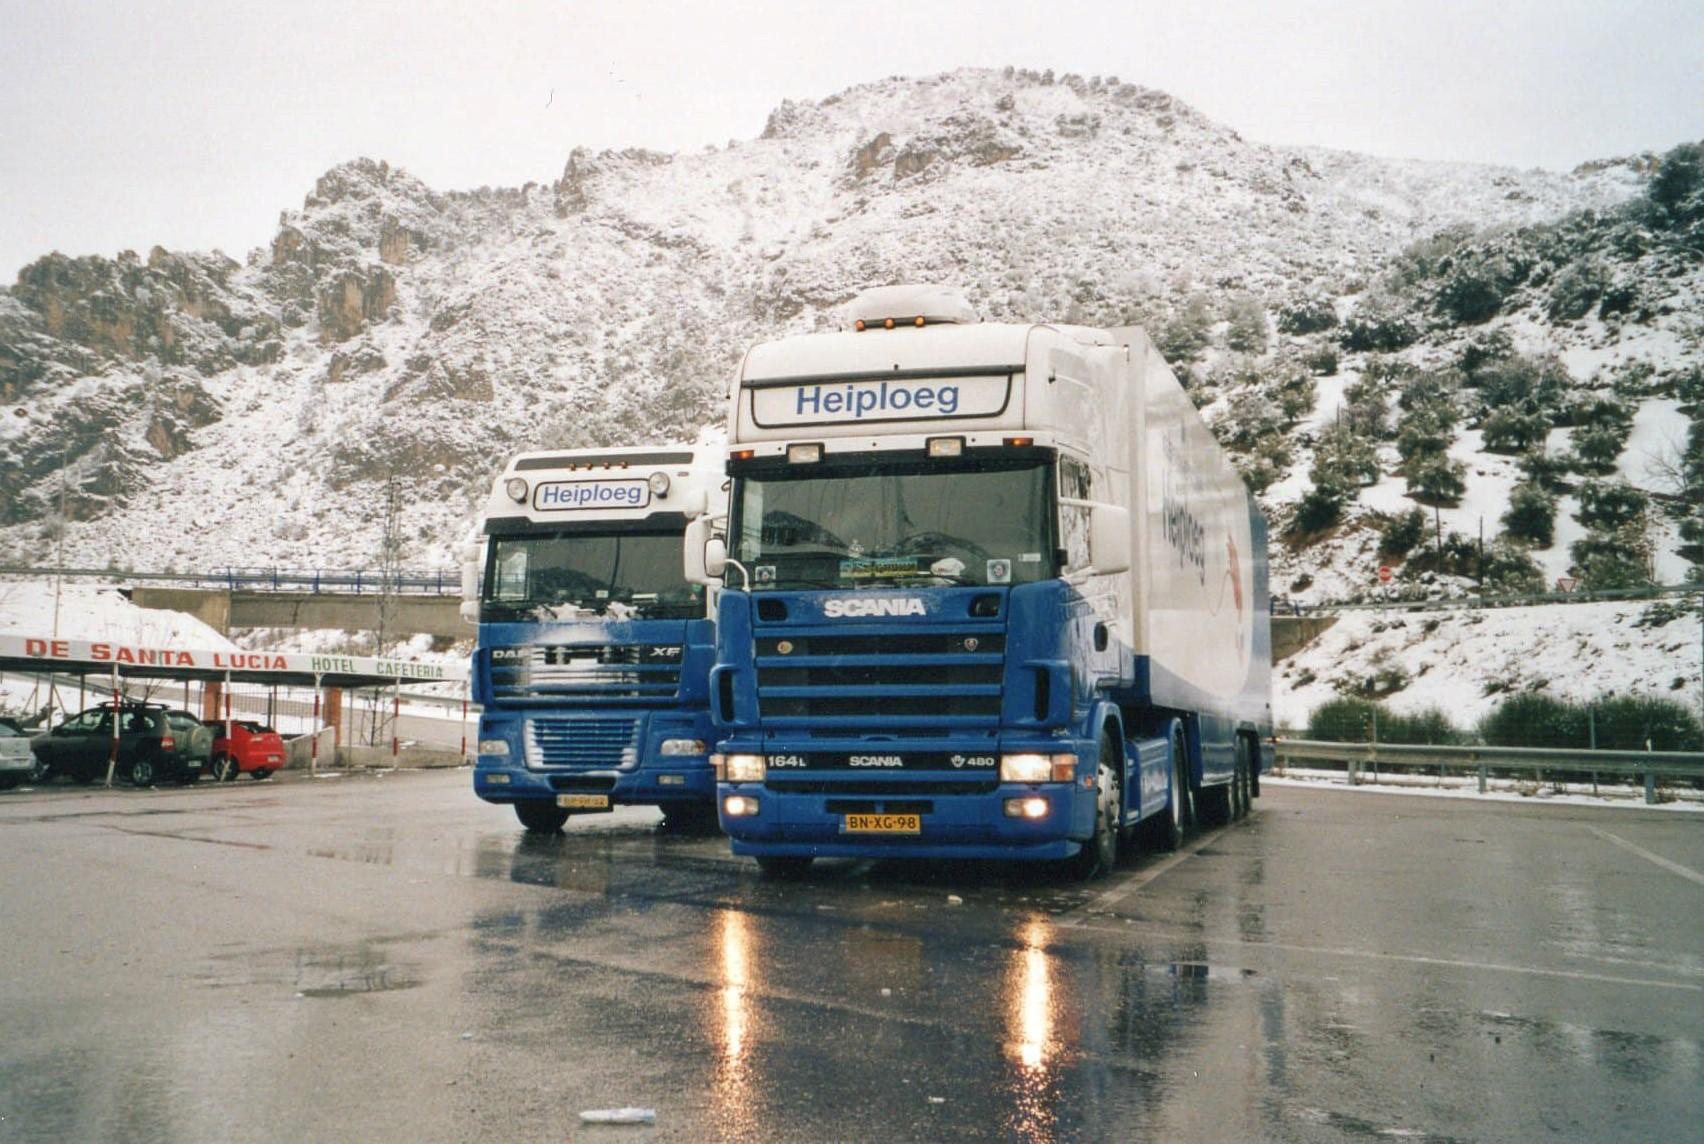 Santa-lucia-Spanje-Hendrik-Westra-2